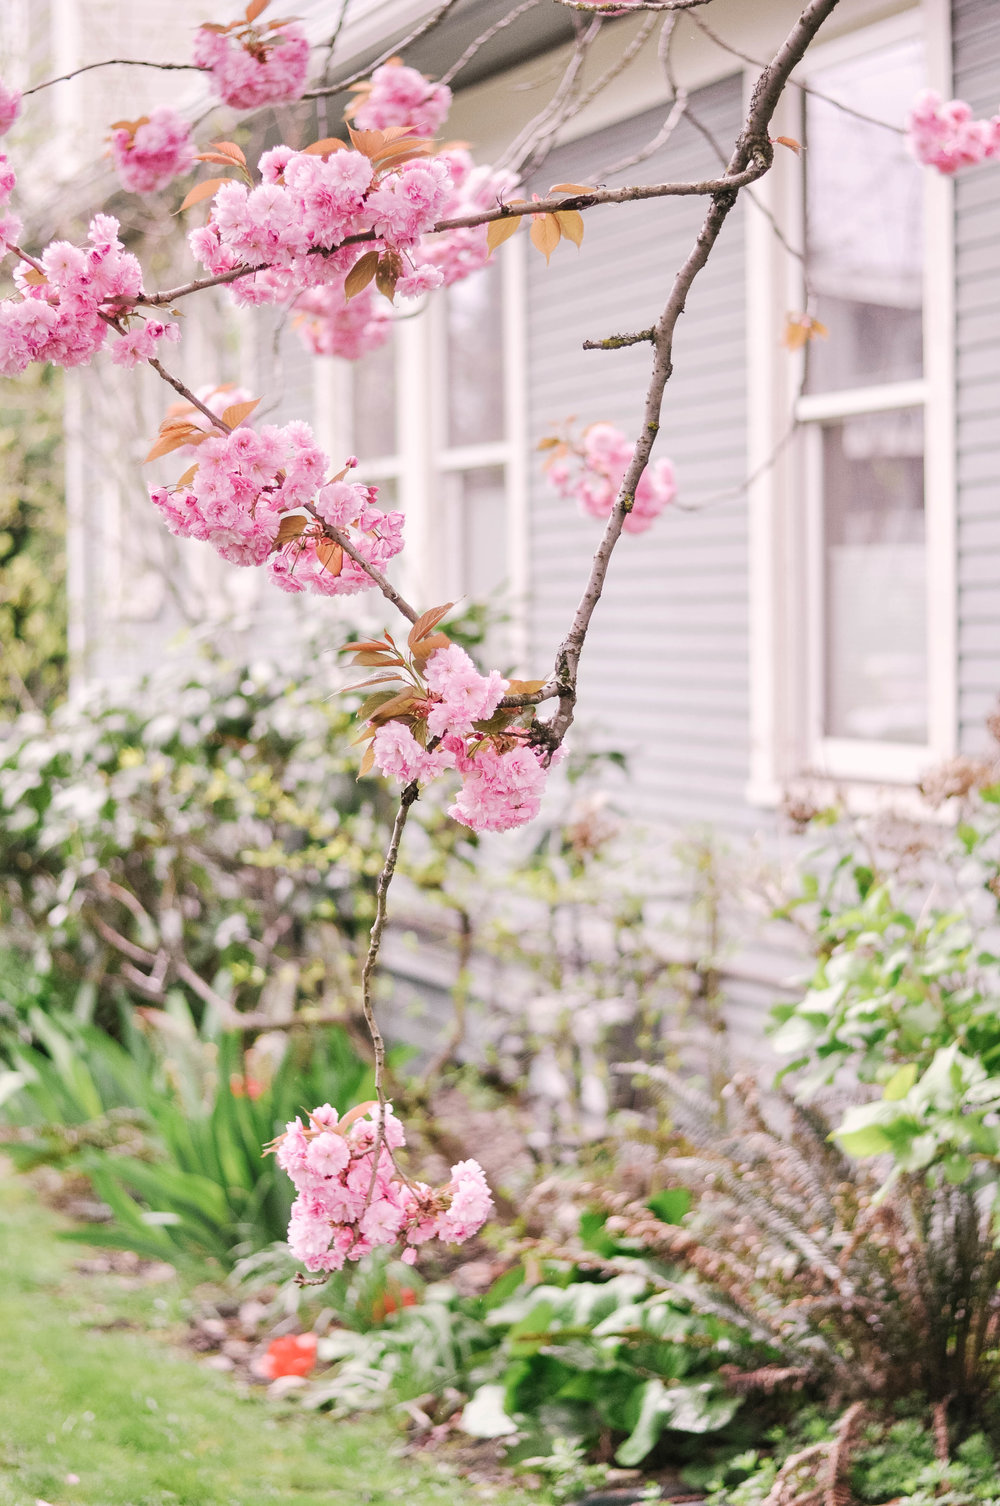 Pink flowering tree in yard